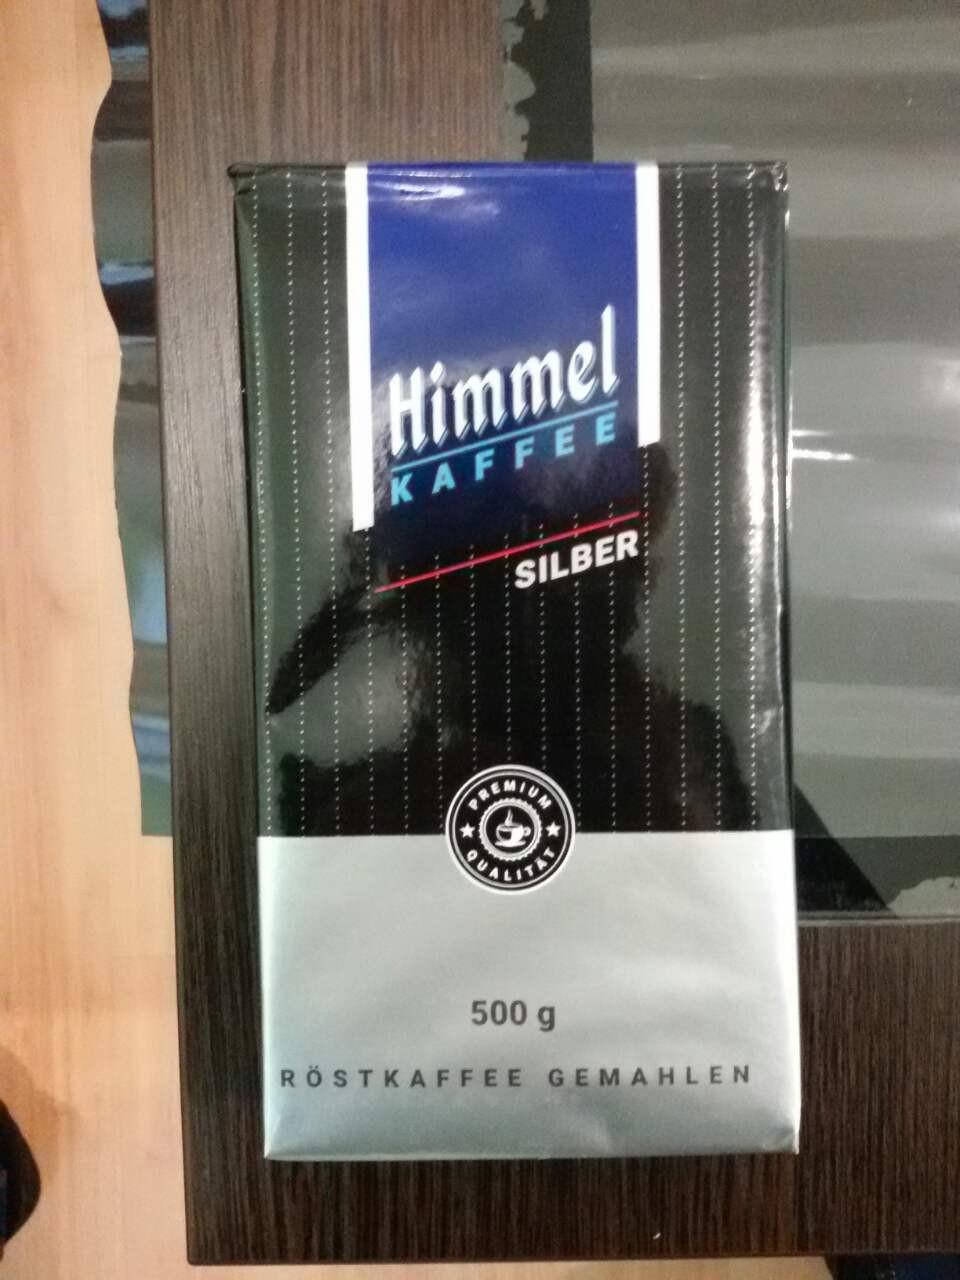 Кофе молотый, заварной Himmel silber(Химель силбер) 500 г.